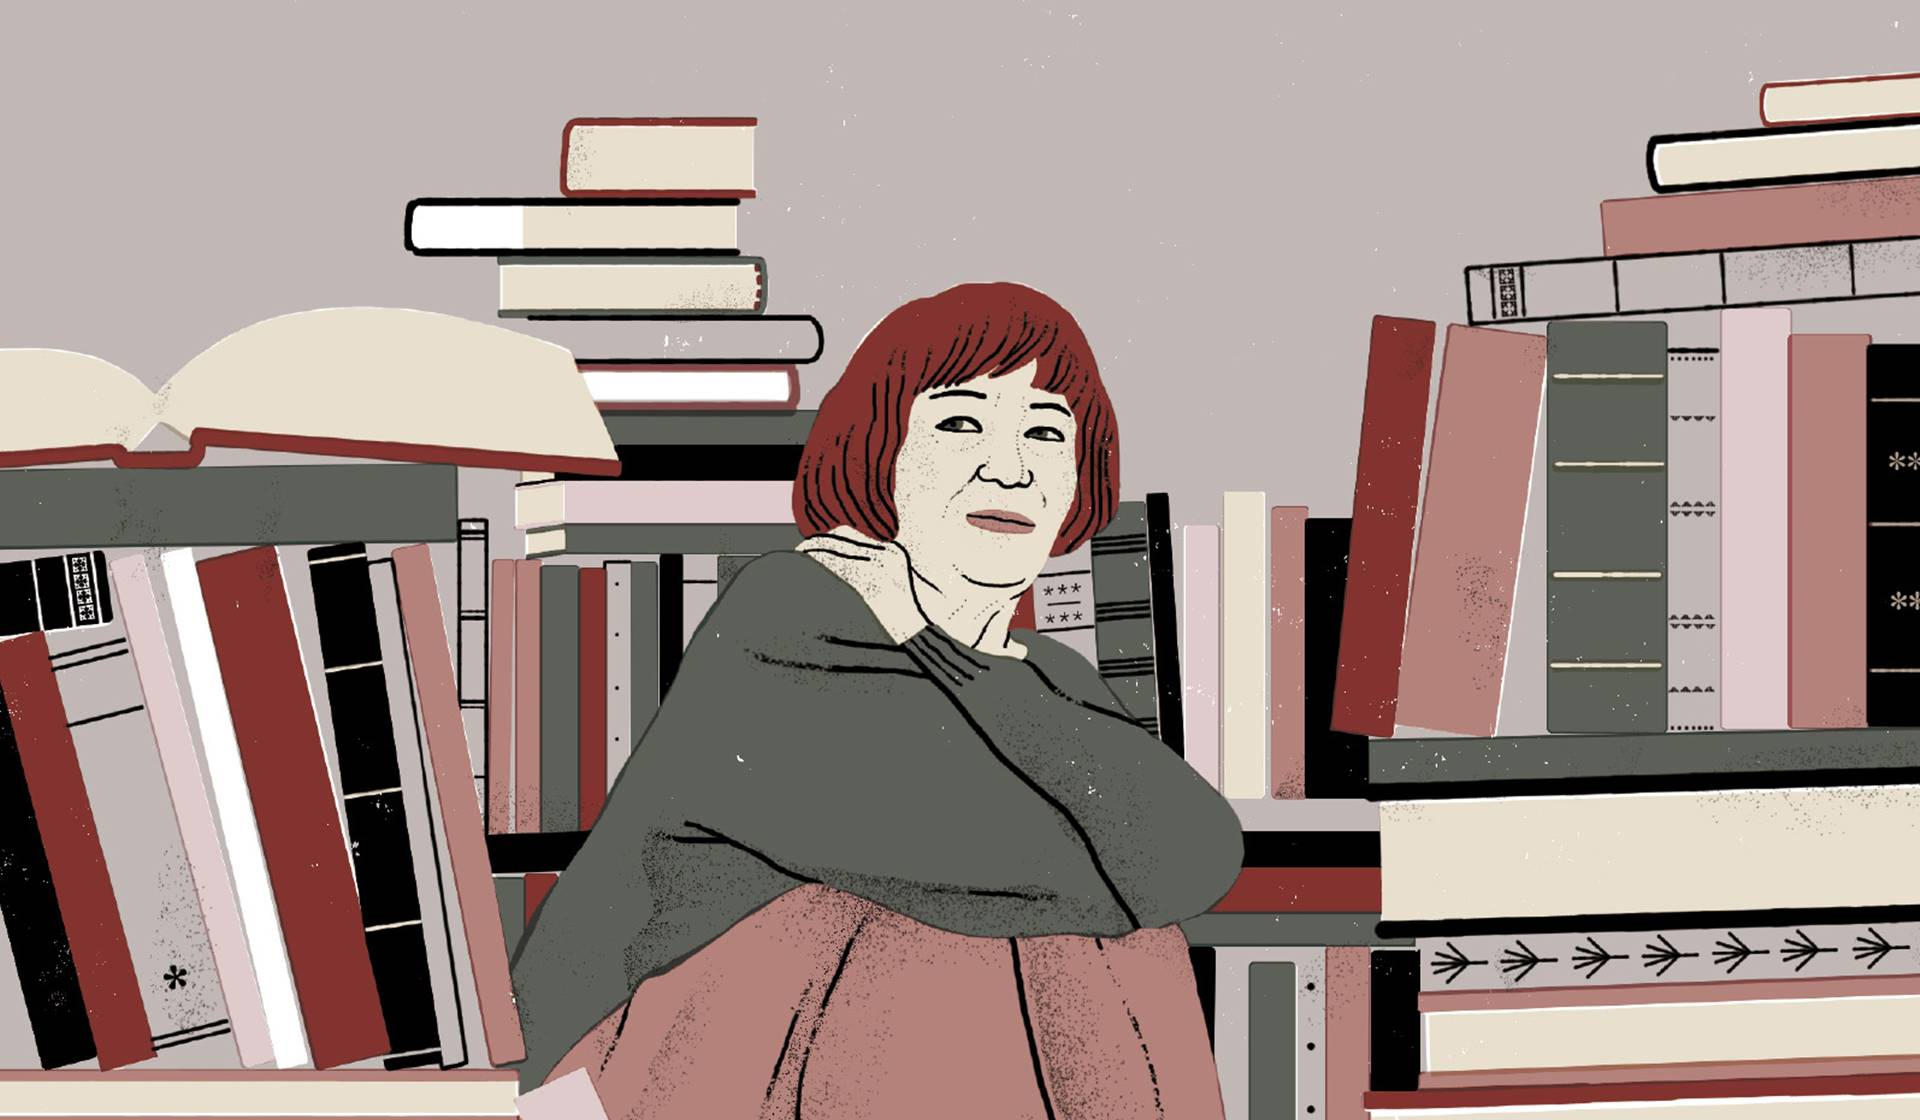 La novela '84, Charing Cross Road' de Helene Hanff